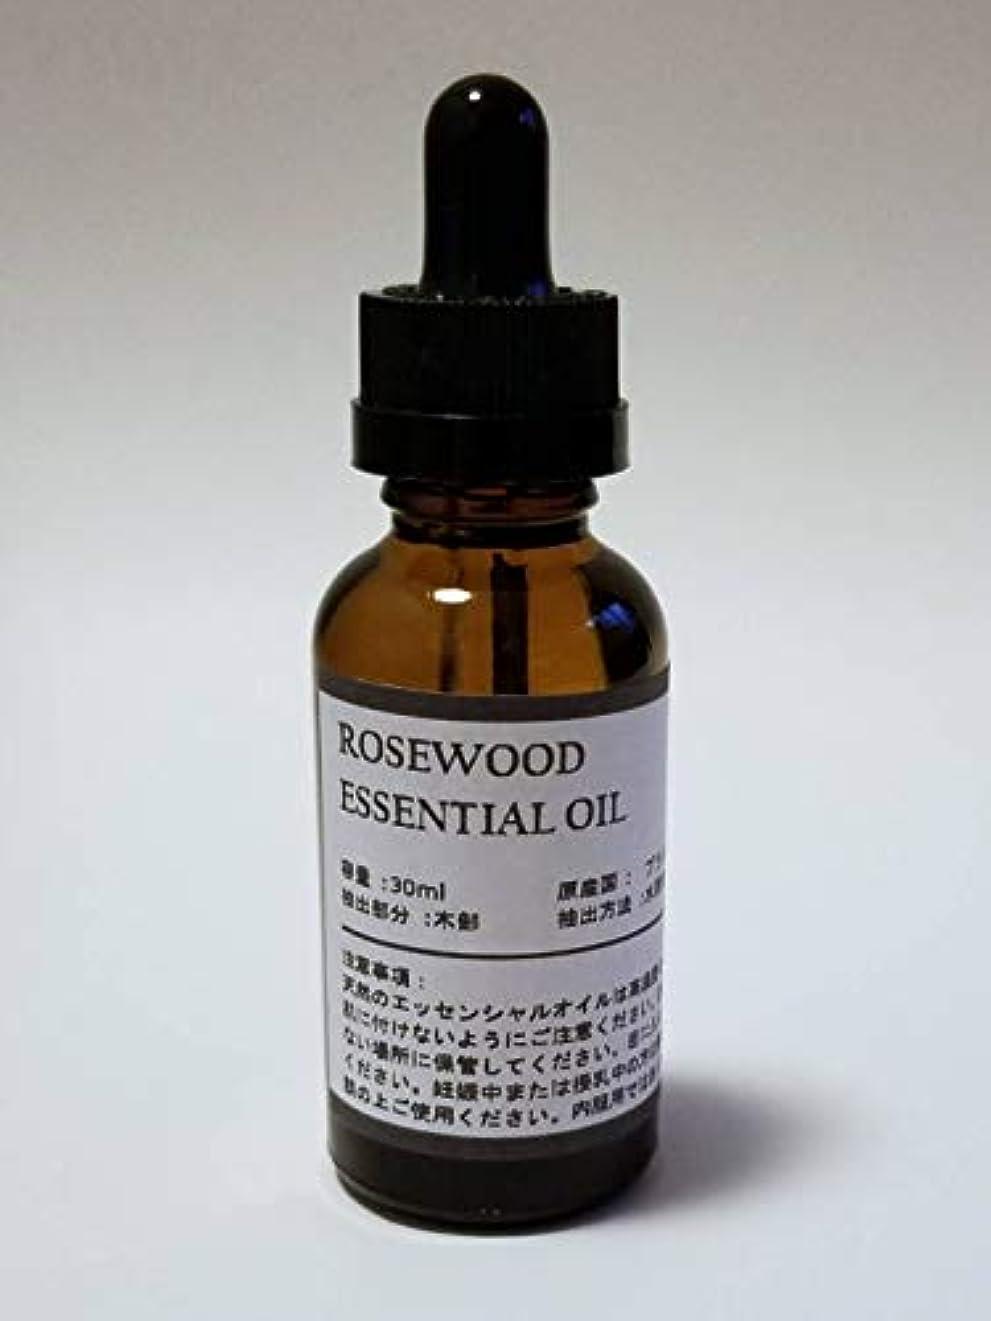 概して均等に対応する【30ml】ブラジル産 ローズウッド エッセンシャルオイル 精油 手作り 化粧品 におすすめ